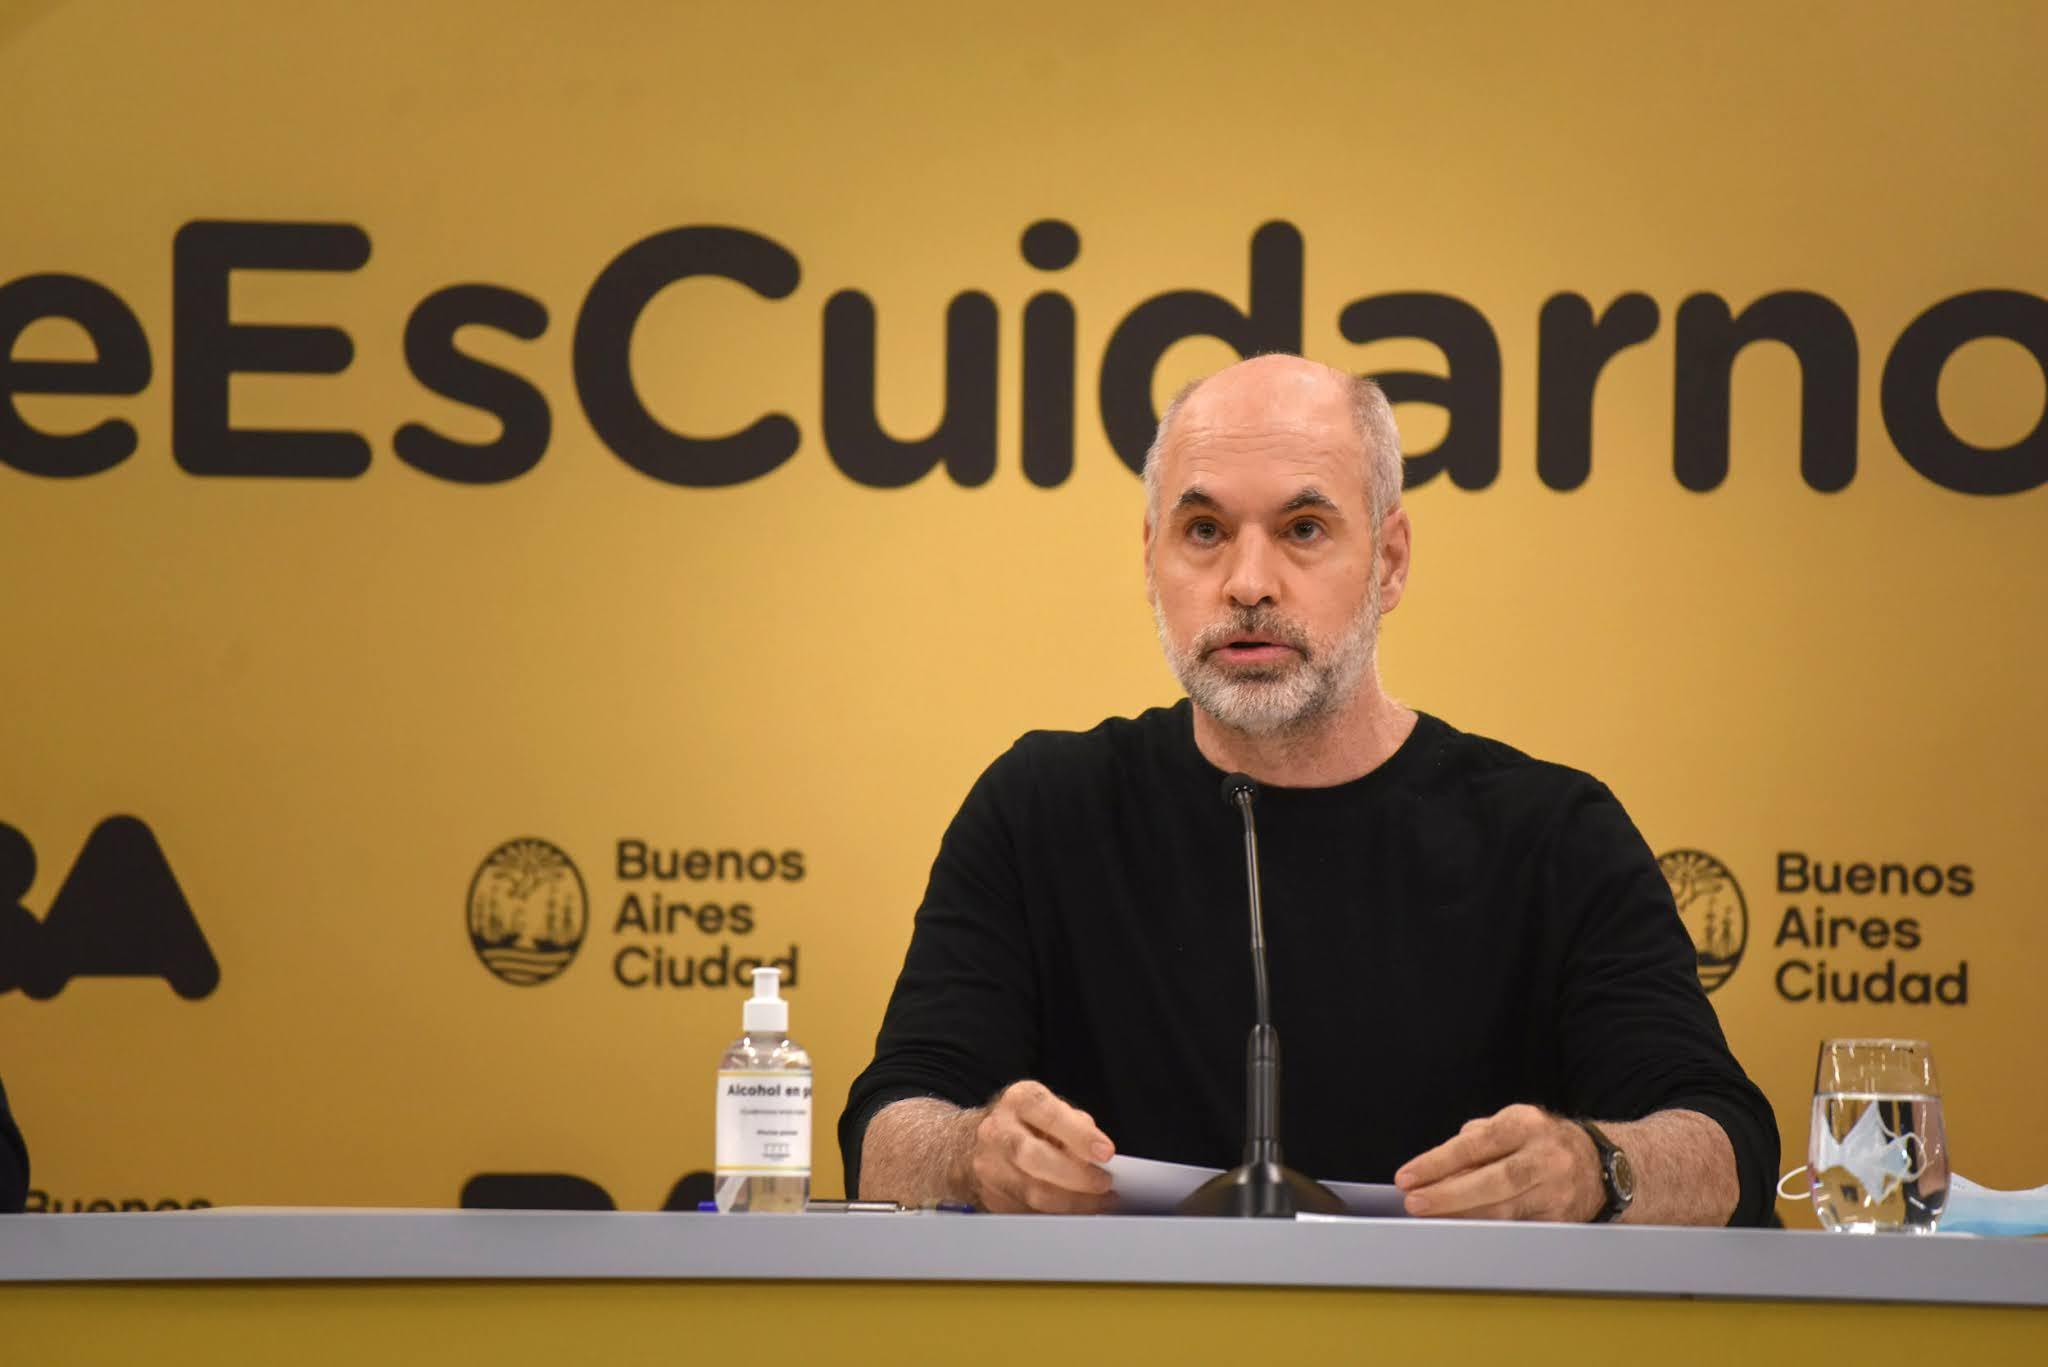 La Legislatura autorizó a Rodríguez Larreta a comprar vacunas contra el coronavirus